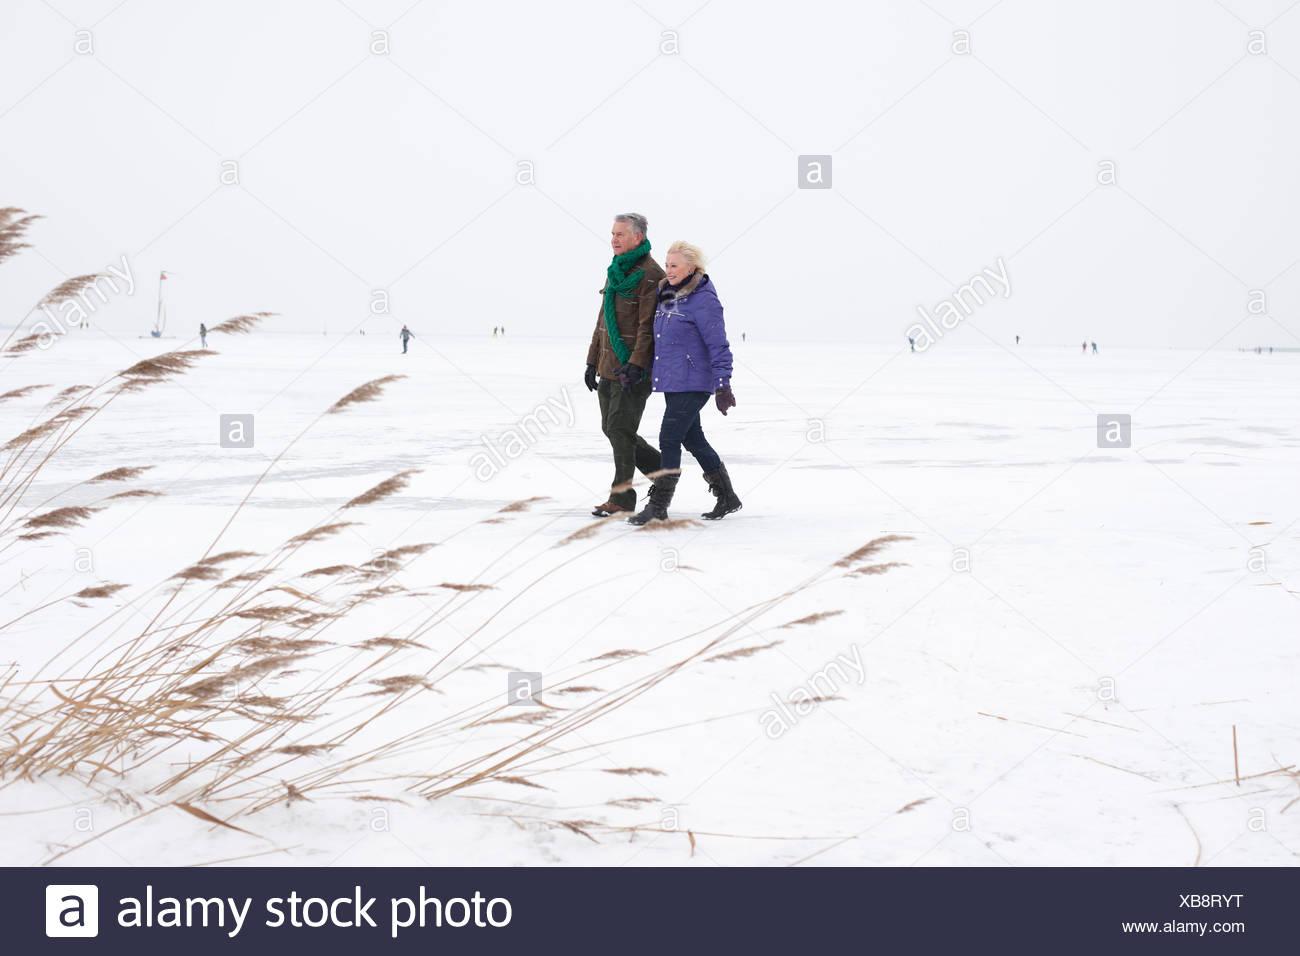 Senior couple walking together on frozen lake - Stock Image